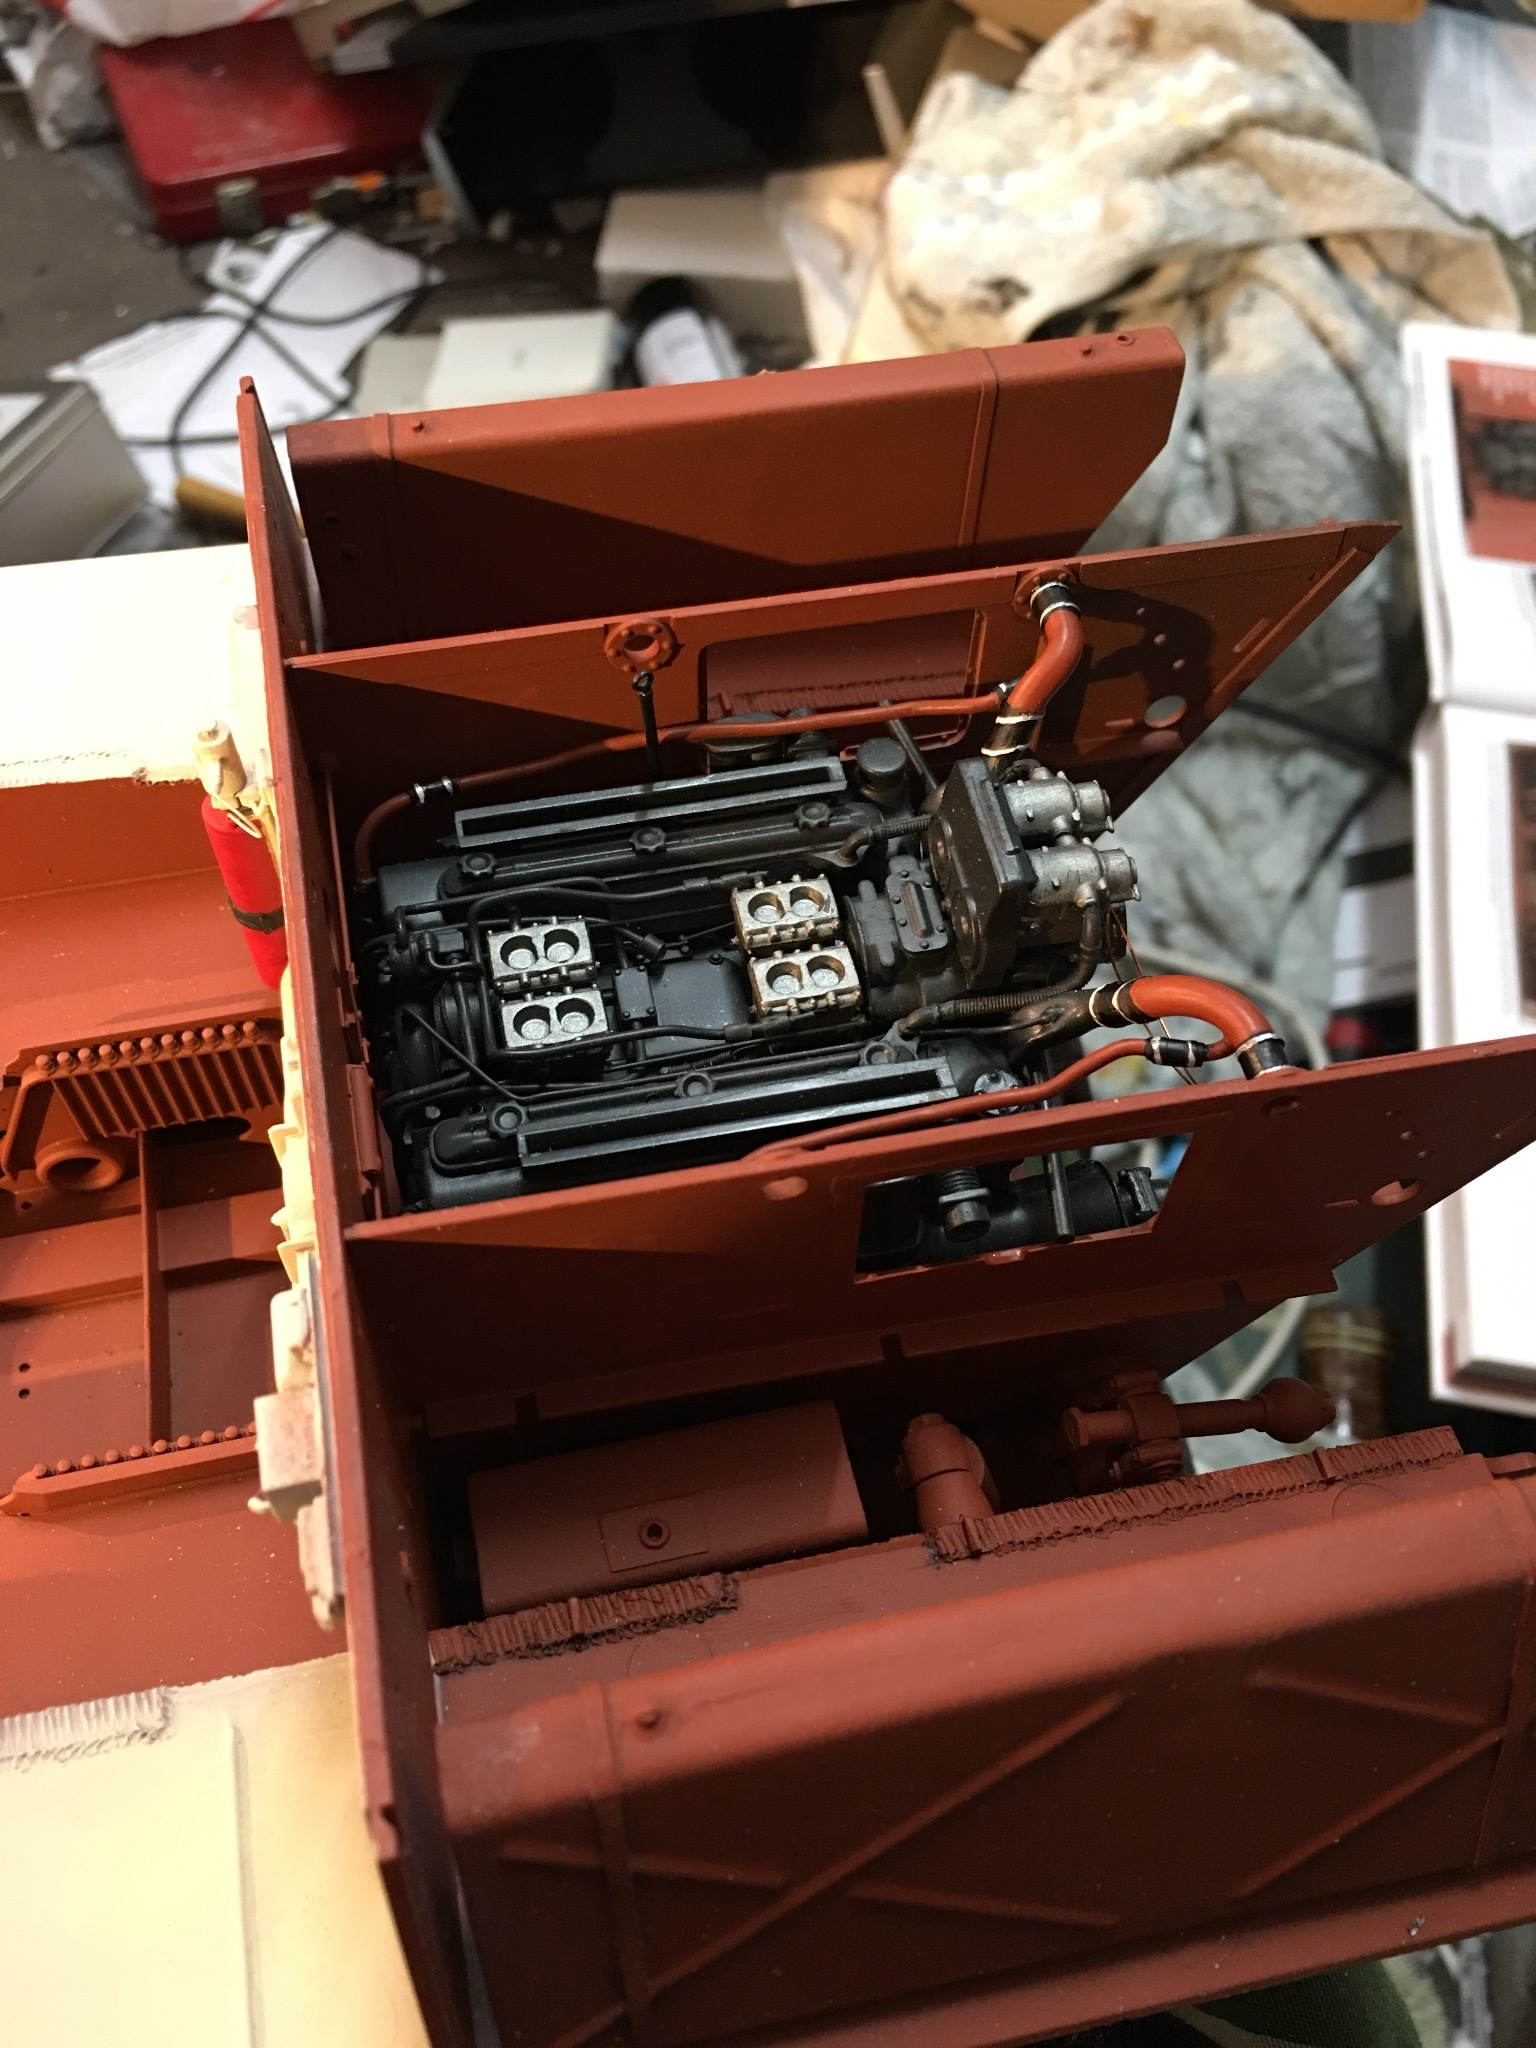 6CC461D7-C3AF-429B-991F-91DD3BDD9F62.jpeg